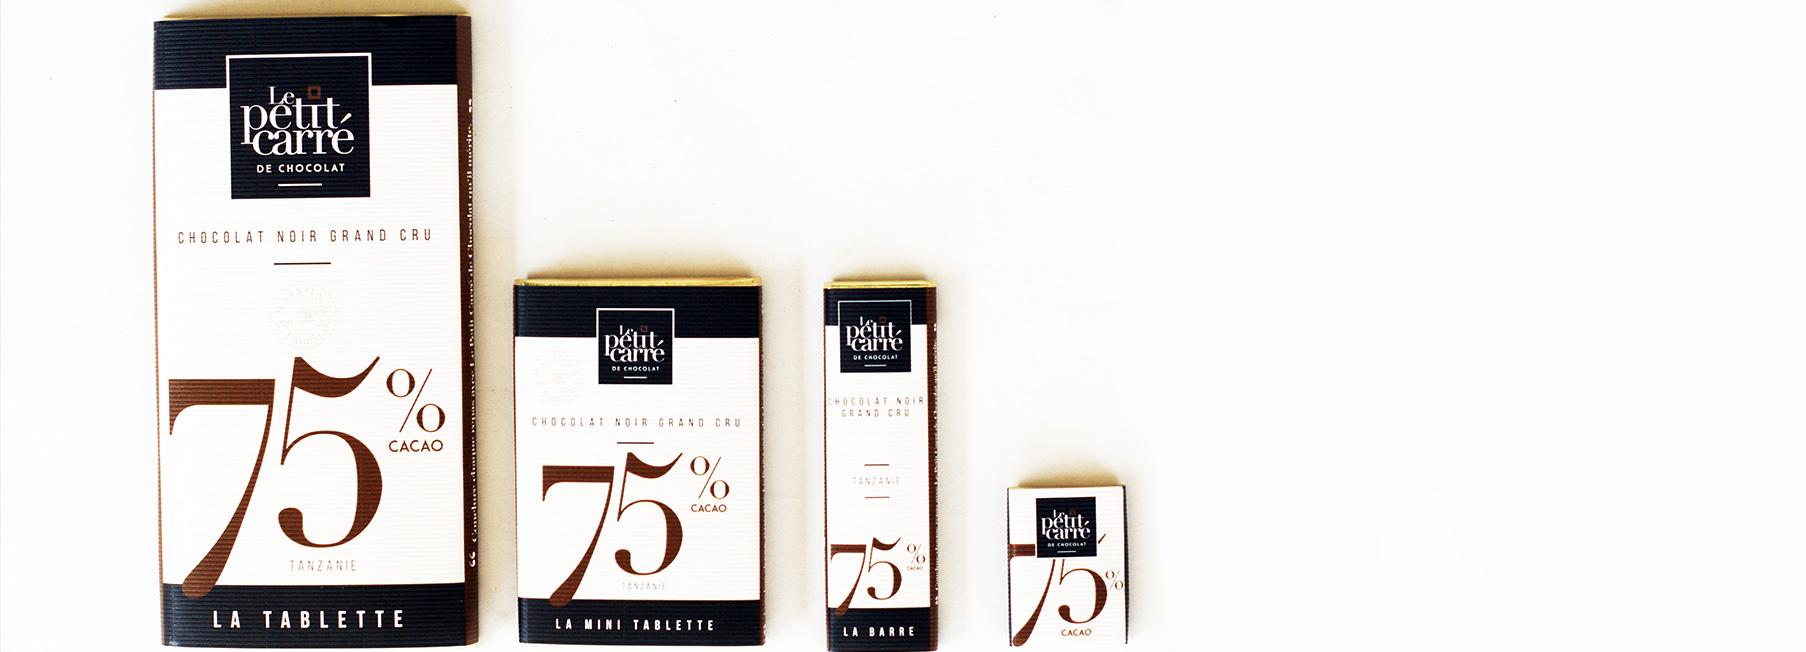 nous trouver gamme tanzanie le petit carre de chocolat